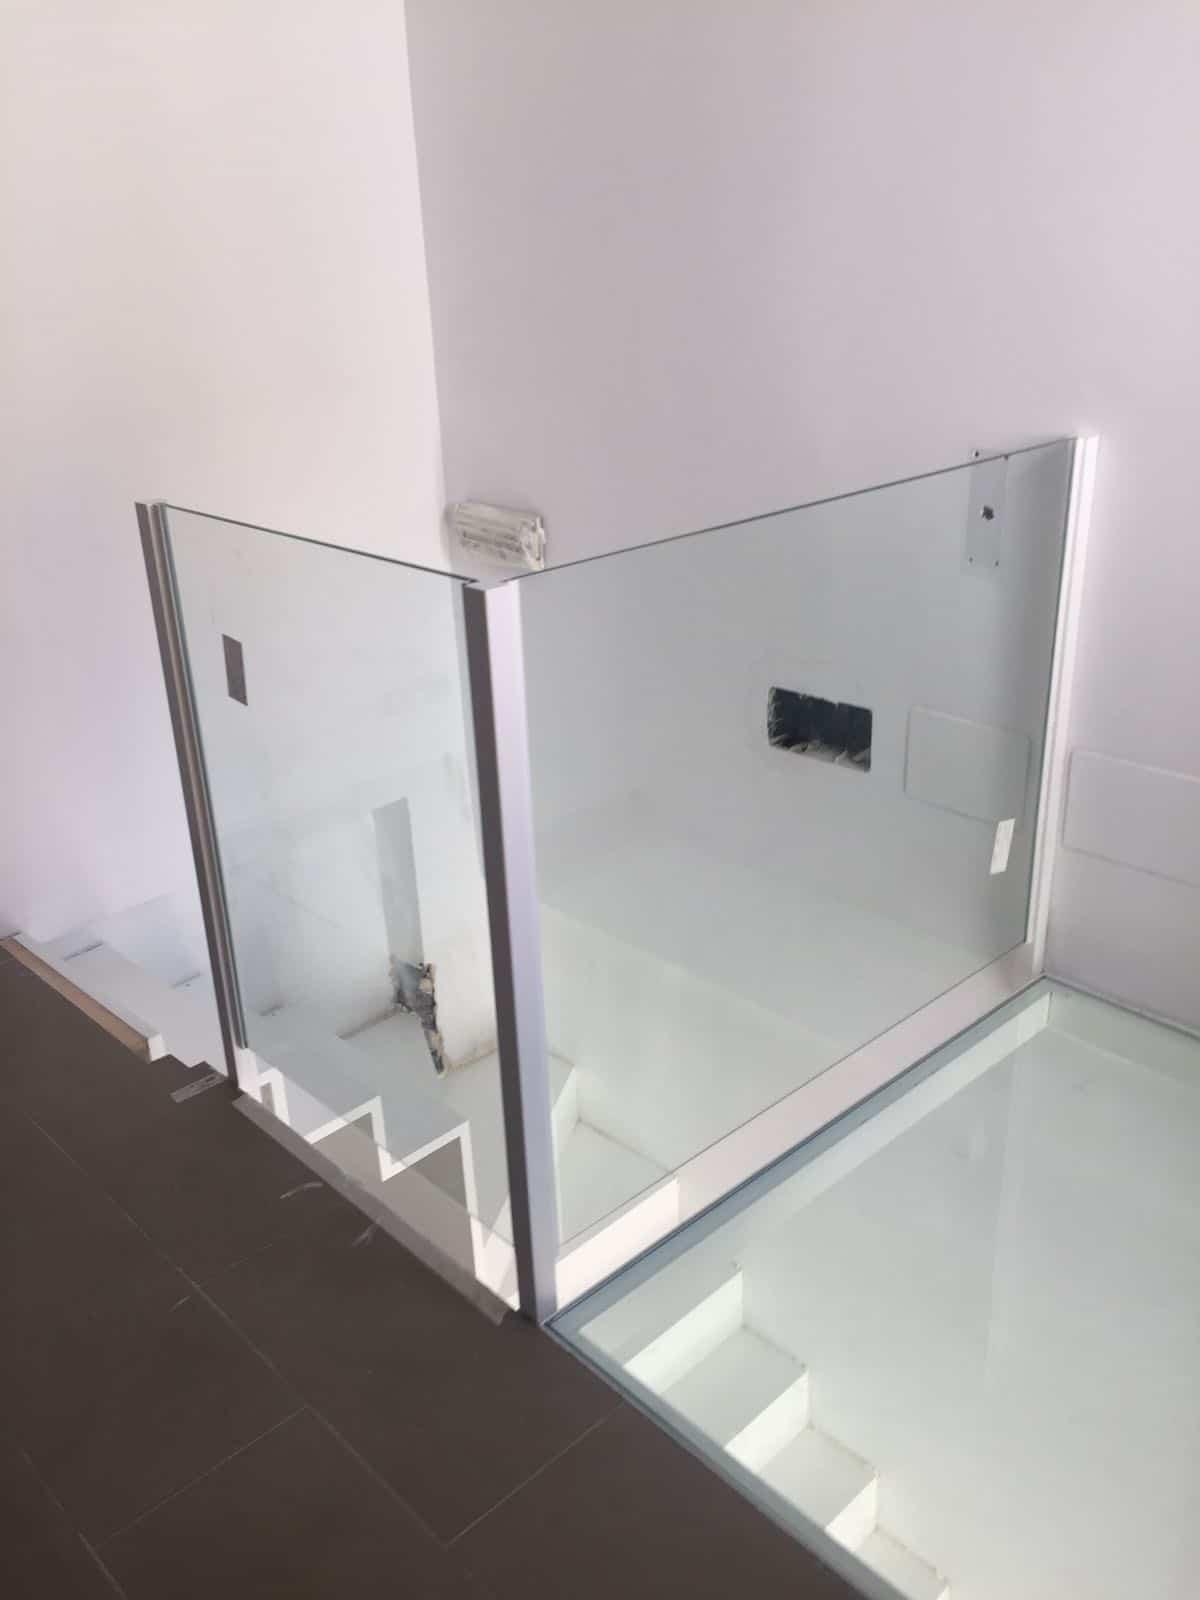 Suelo de vidrio pisable beautiful baranda de escalera de - Suelos de vidrio ...